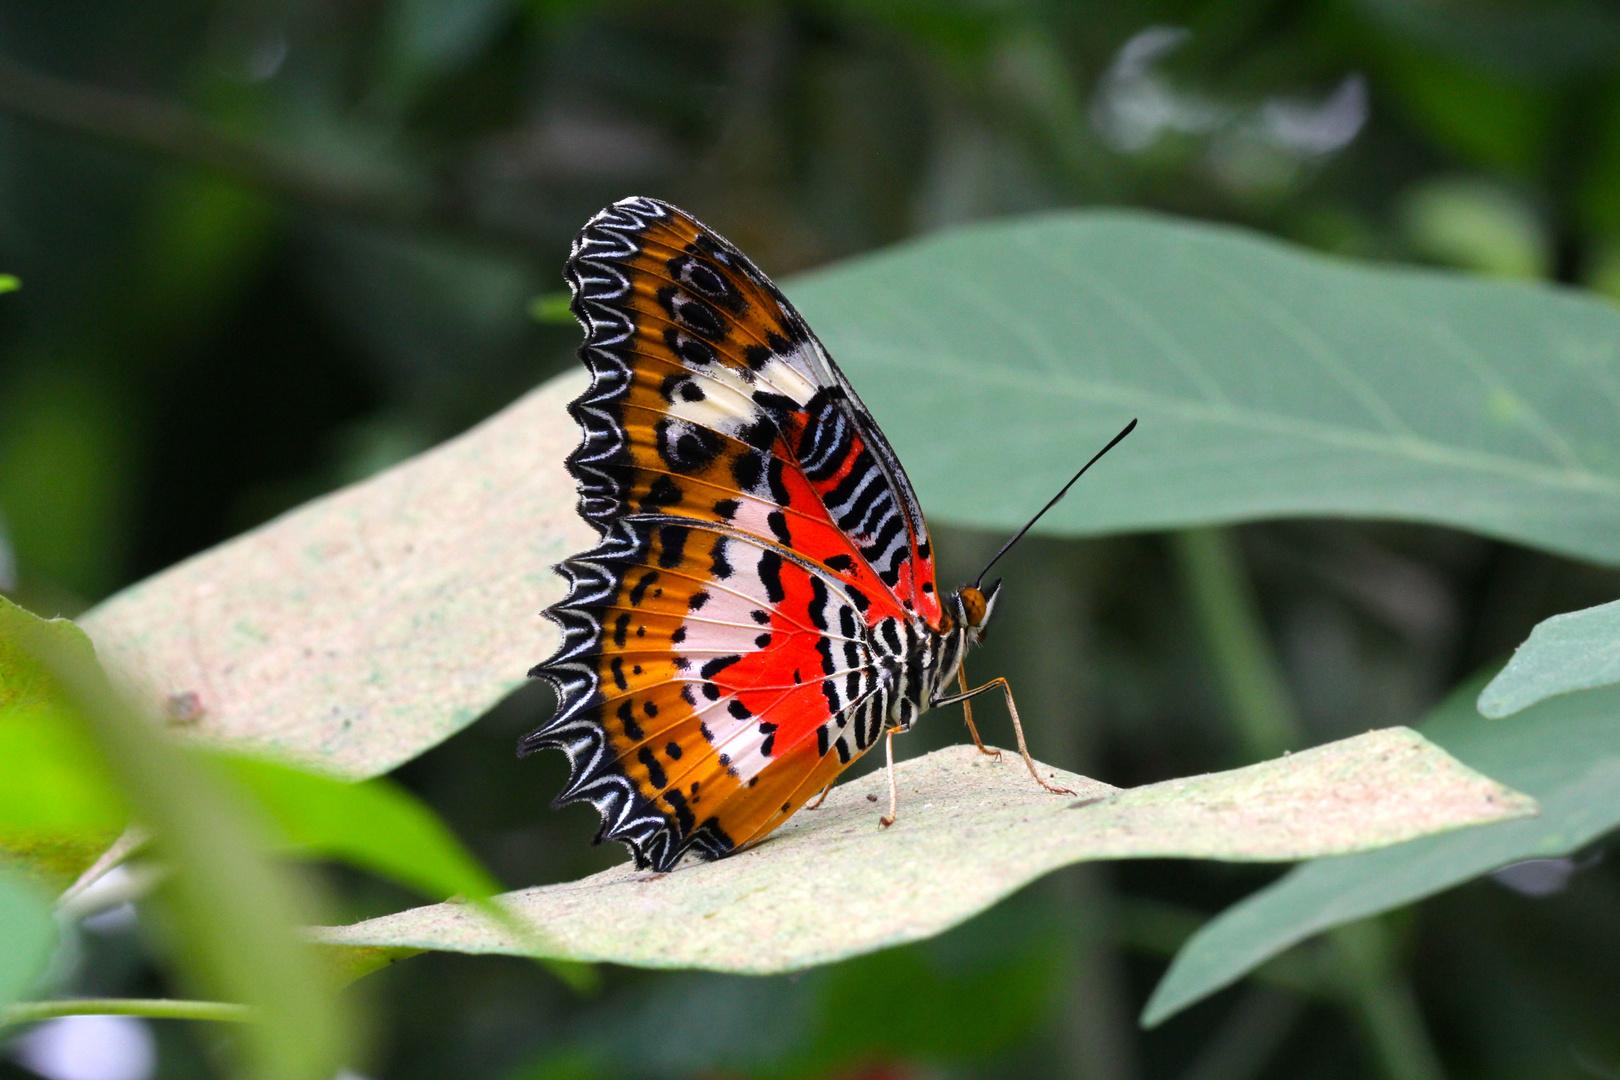 Spitzenflügel / Leopardennetzflügler im Krefelder Schmetterlingshaus